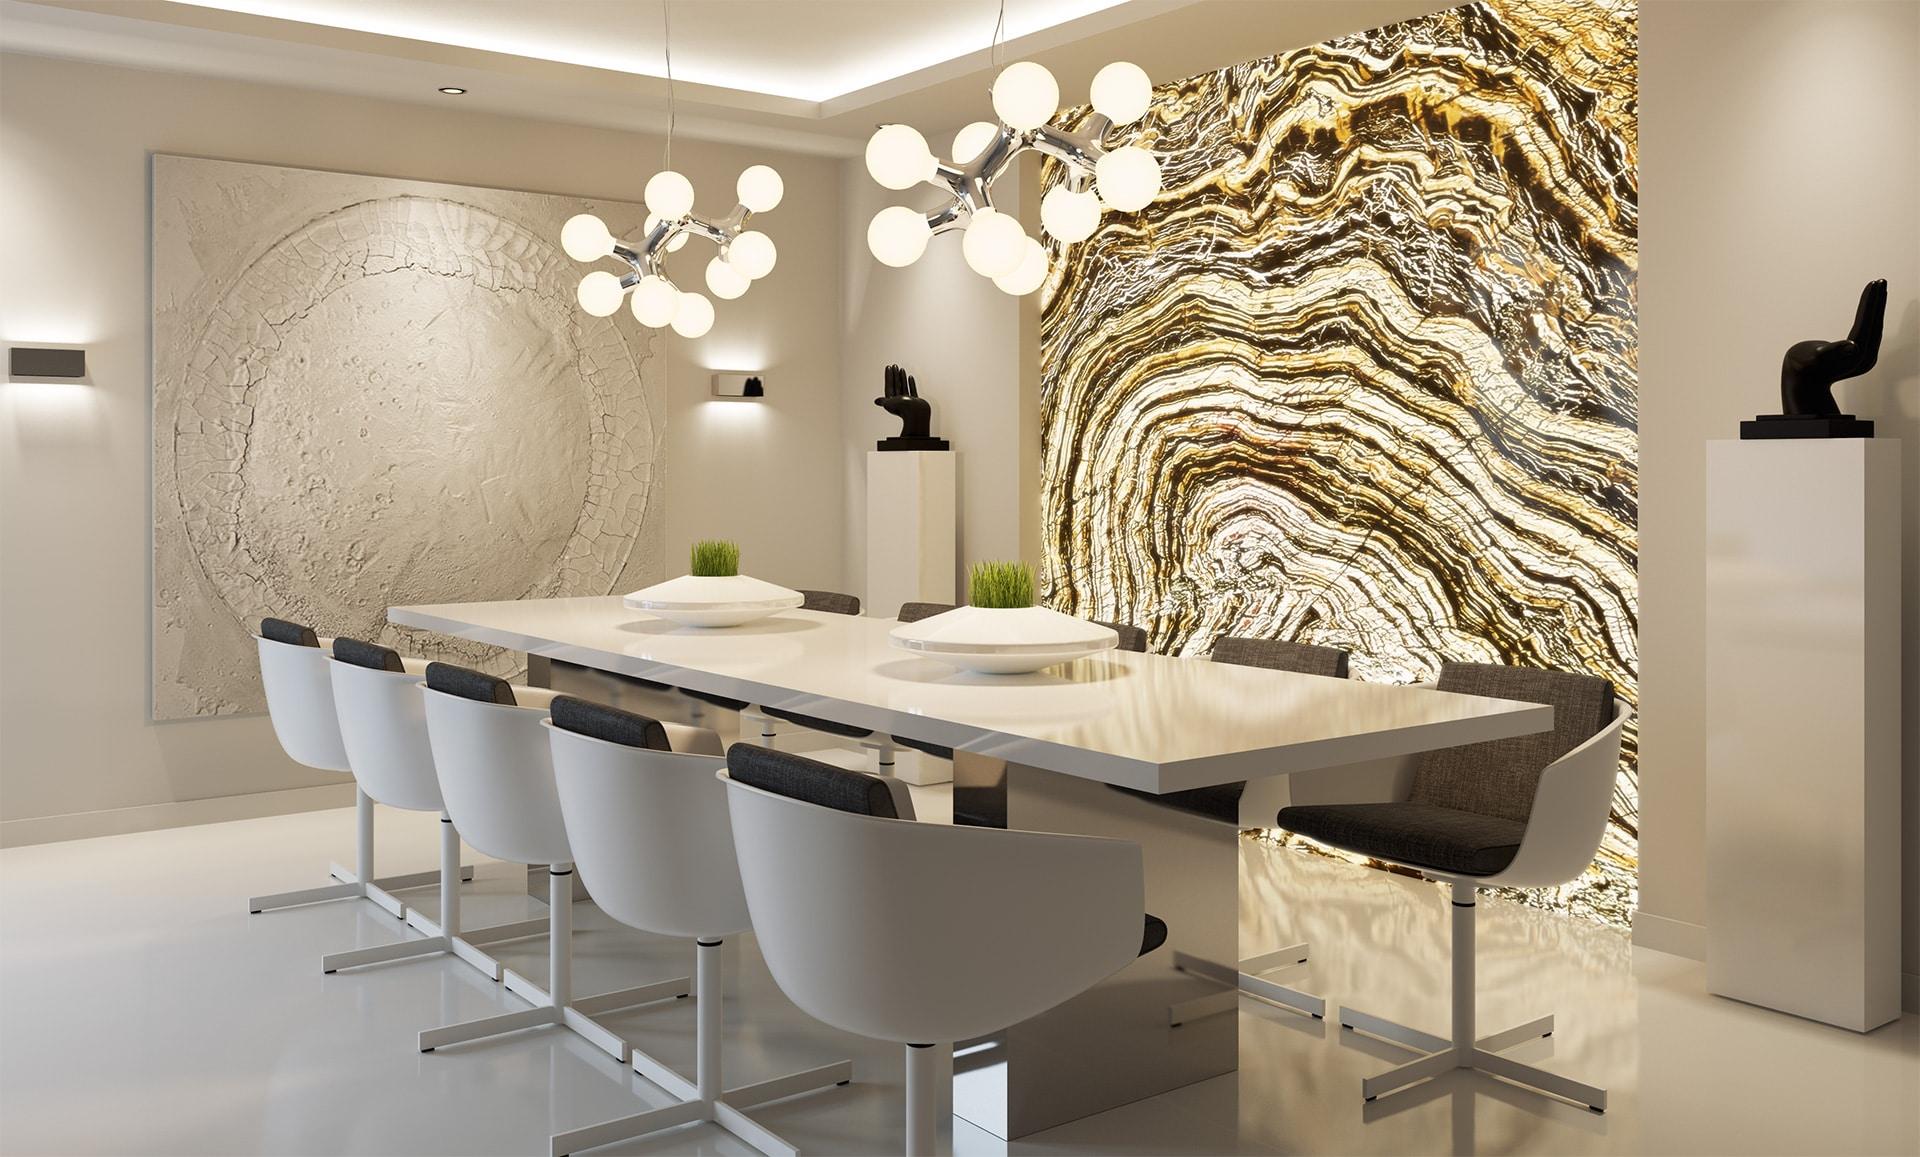 Interior Design for project in La Zagaleta